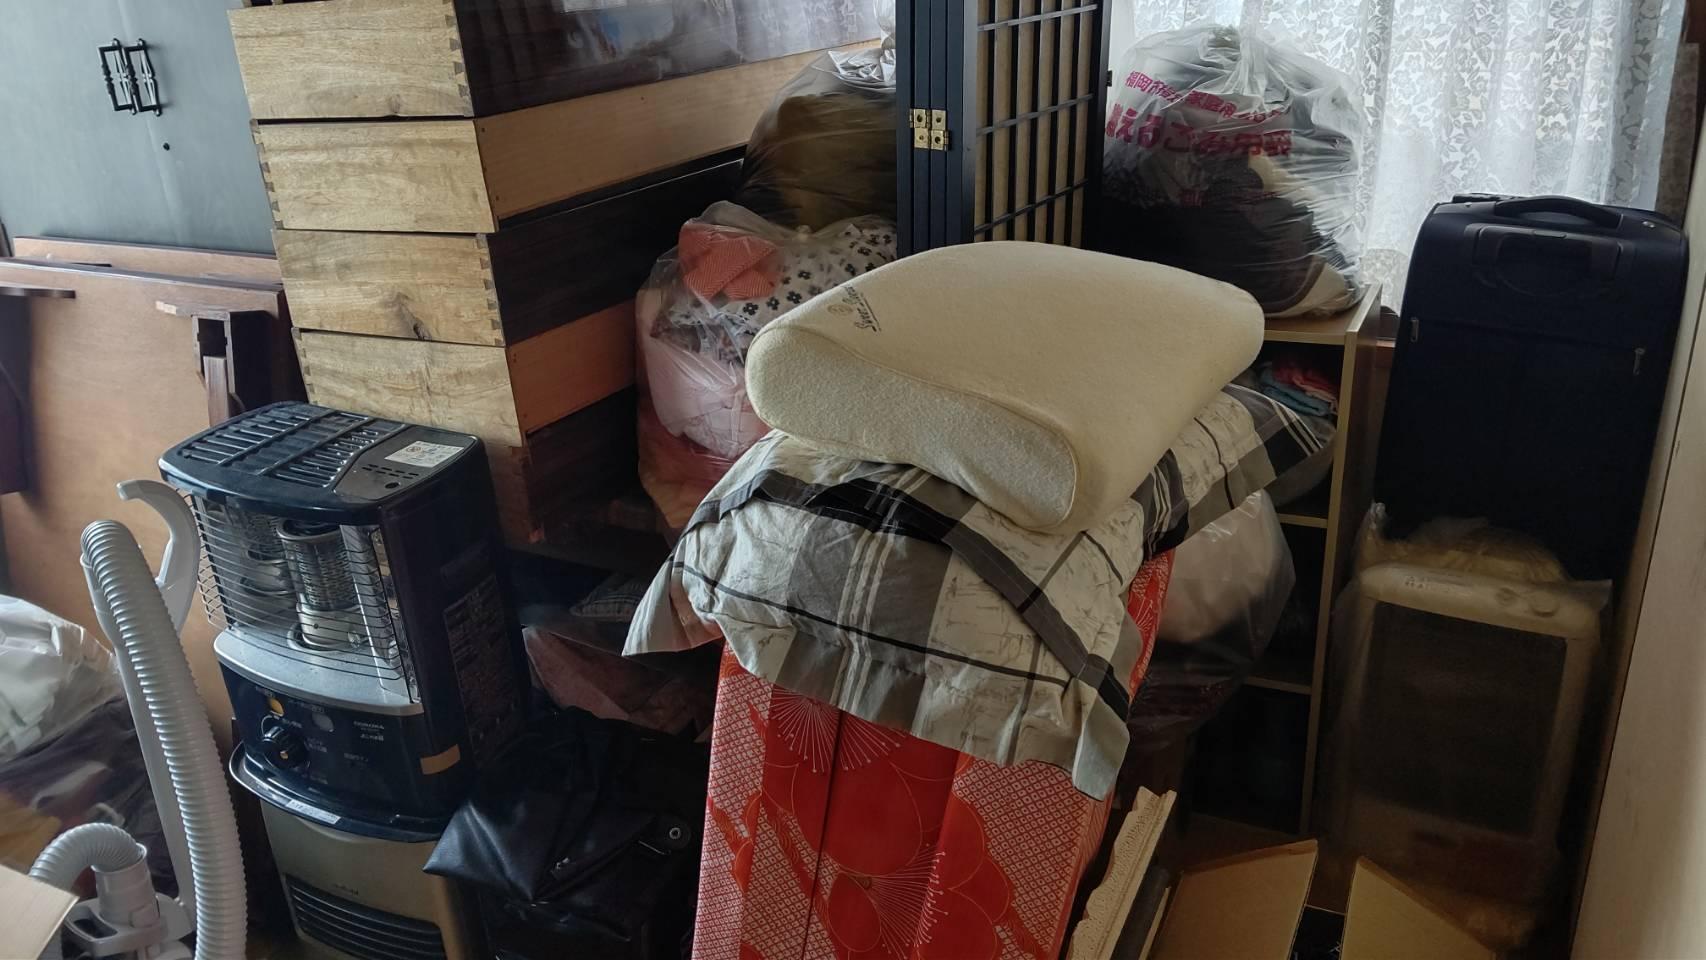 枕、マットレス、衣類、カラーボックス、スーツケースの回収前